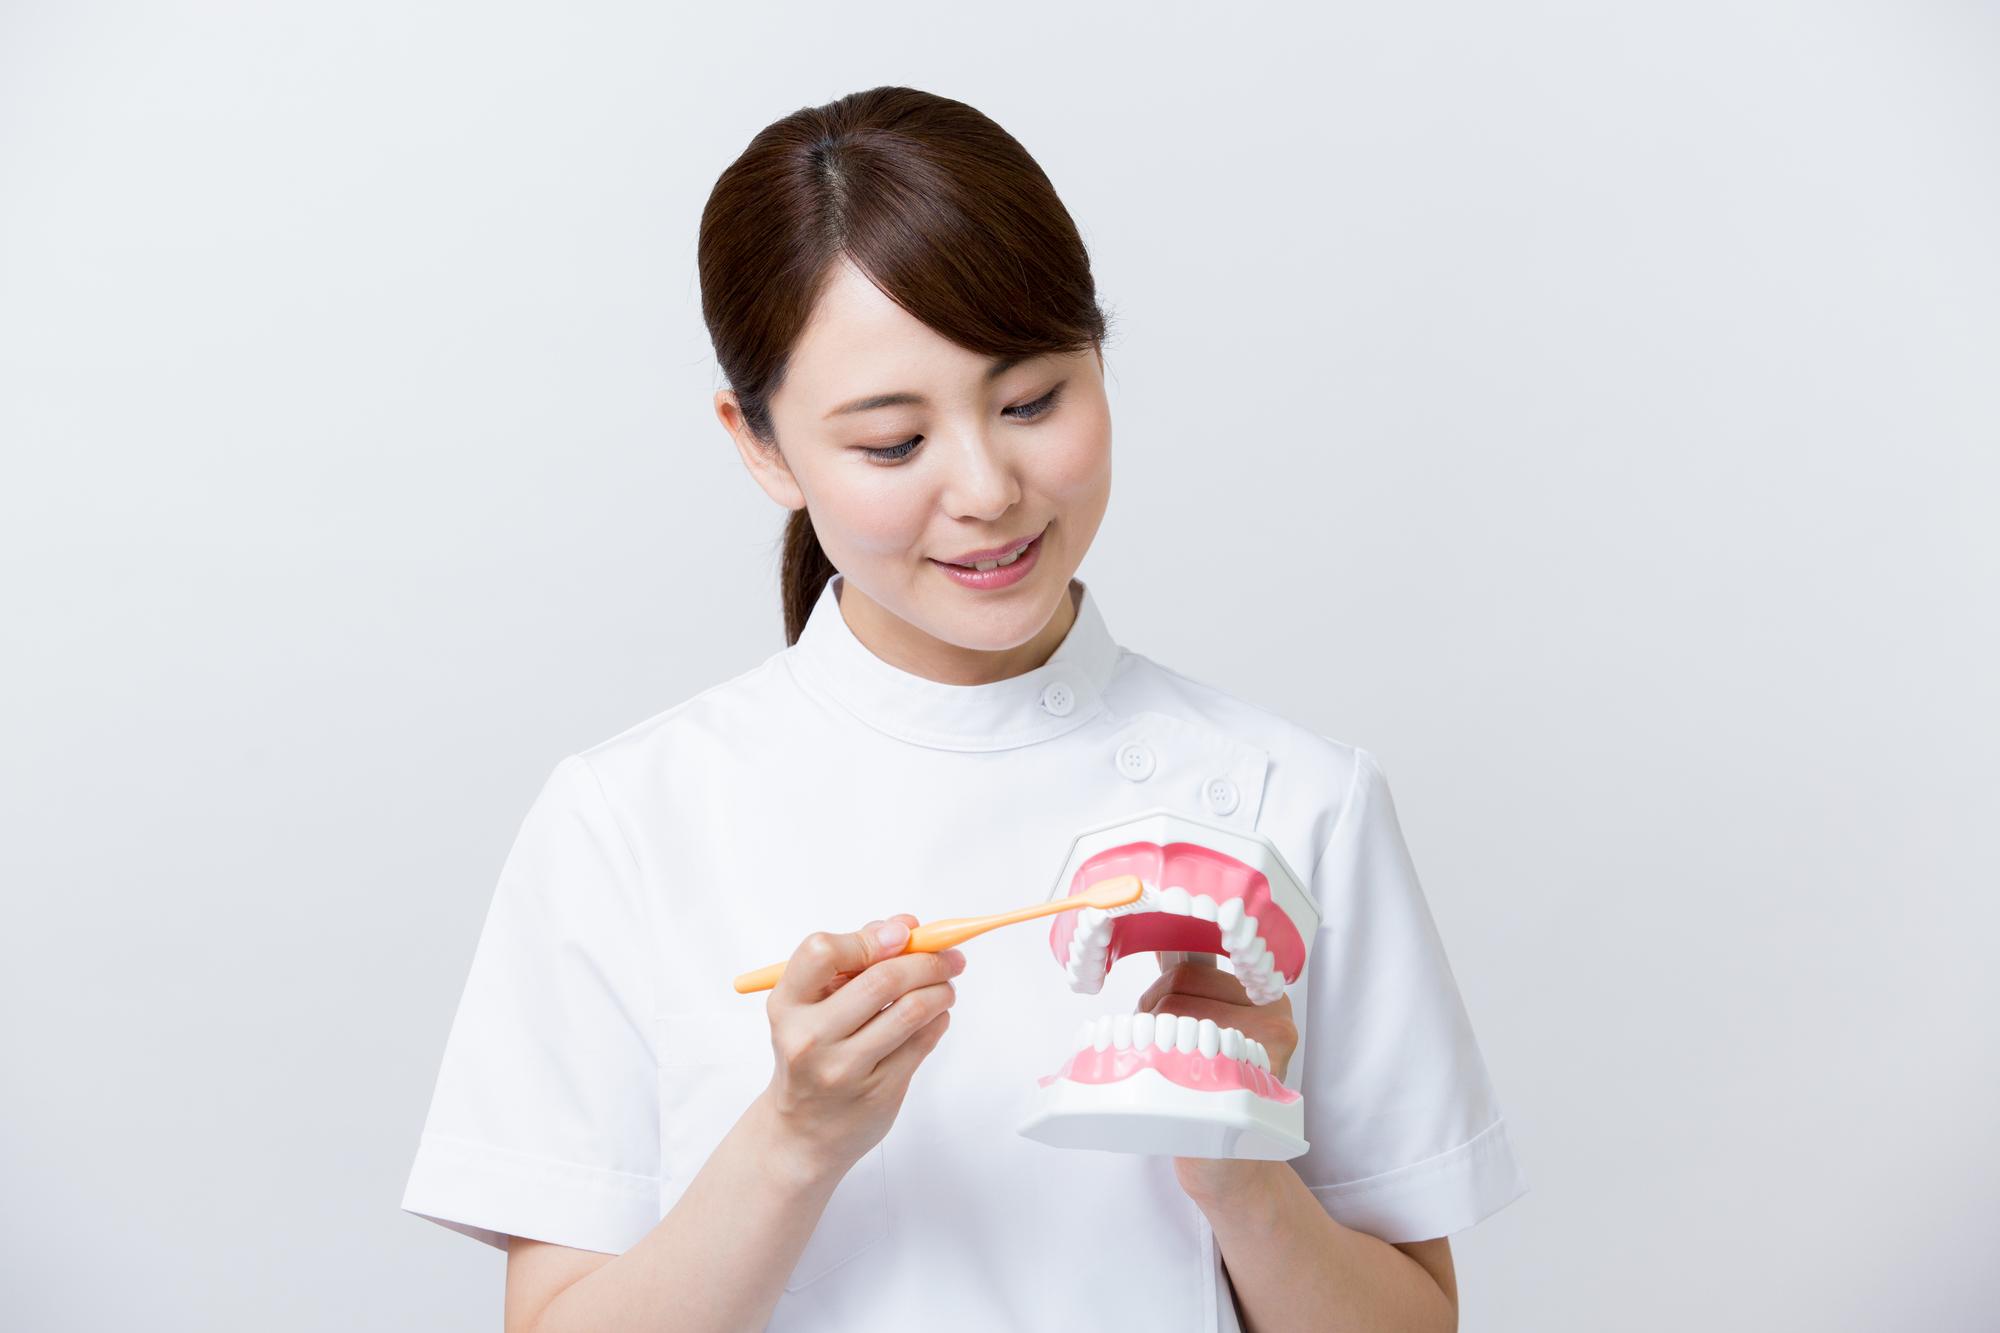 神戸三宮谷歯科クリニックでは親知らずの抜歯を行えます